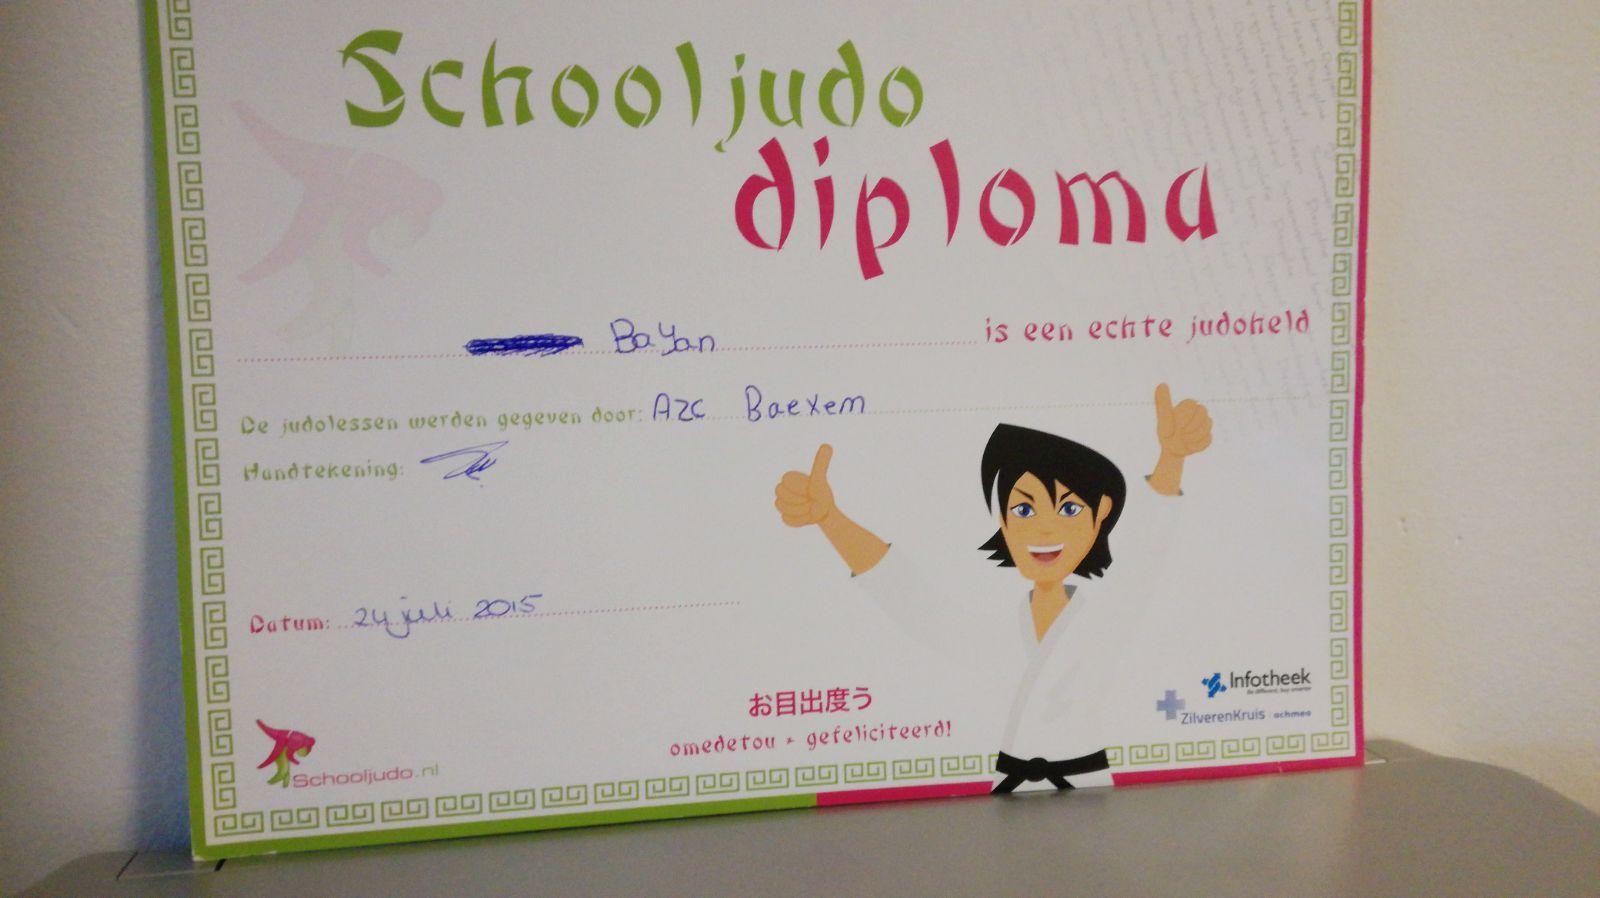 Ik Heb Judo Diploma Gekregen In Dit Ben Ik